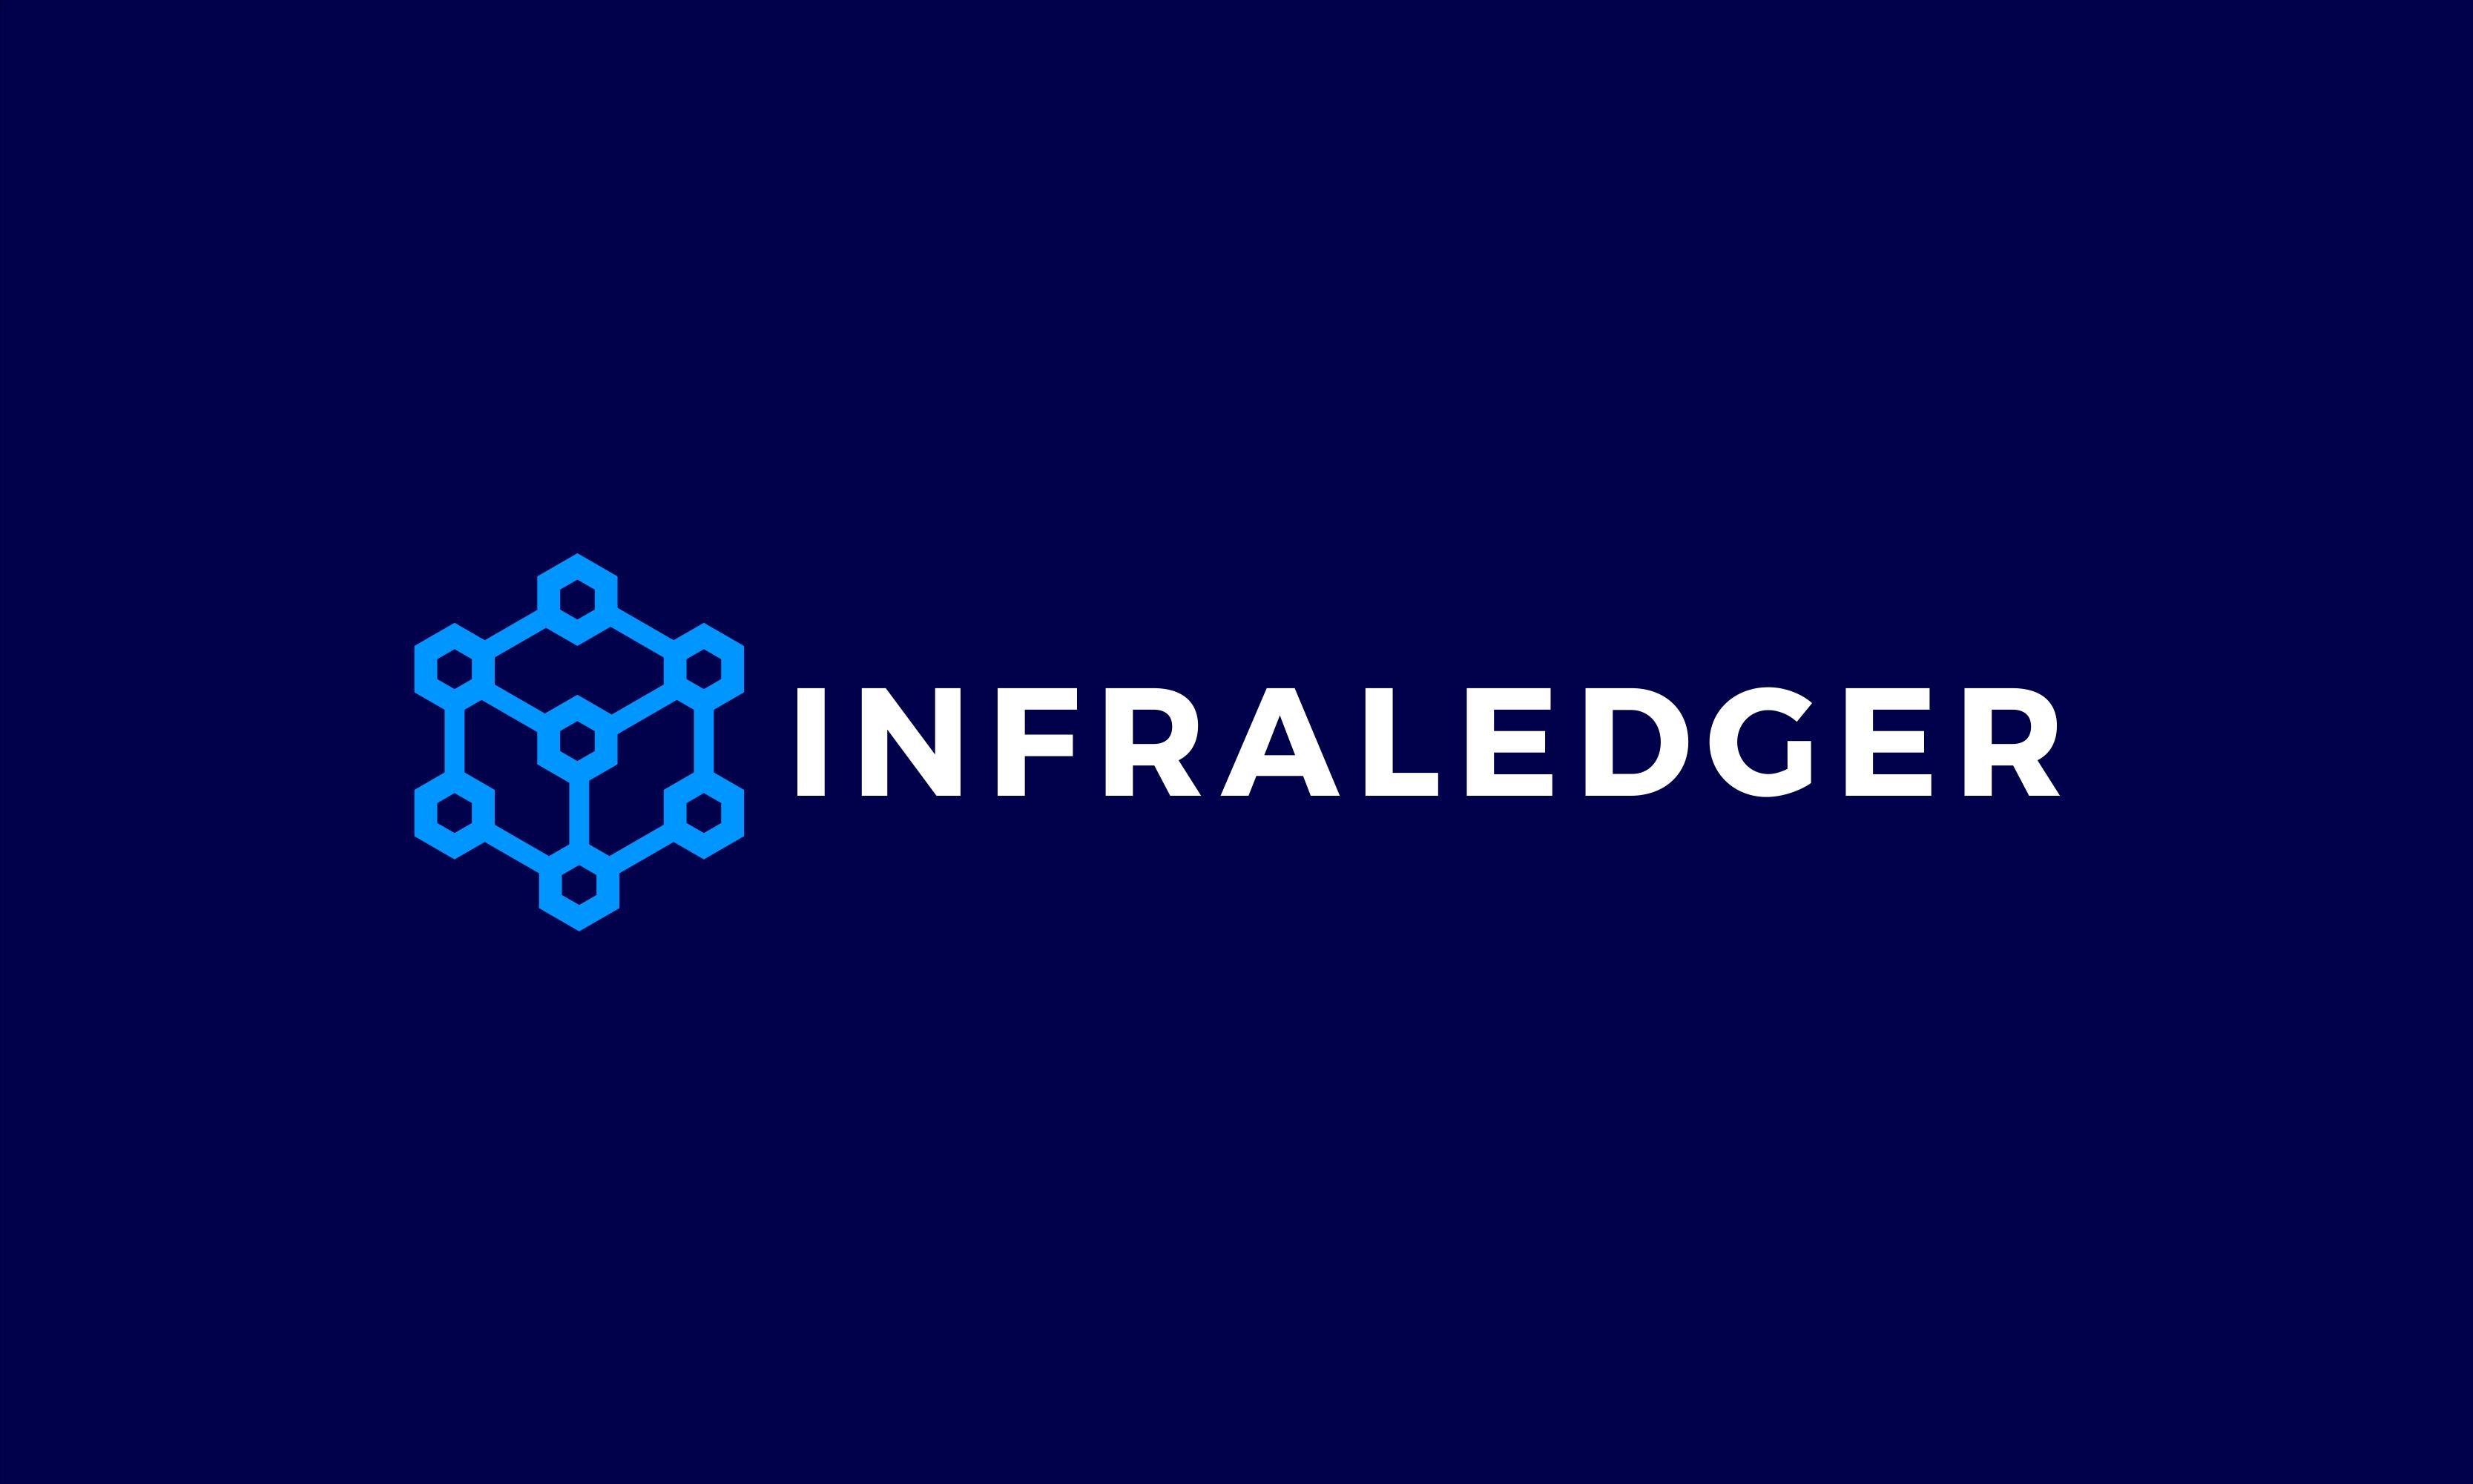 Infraledger